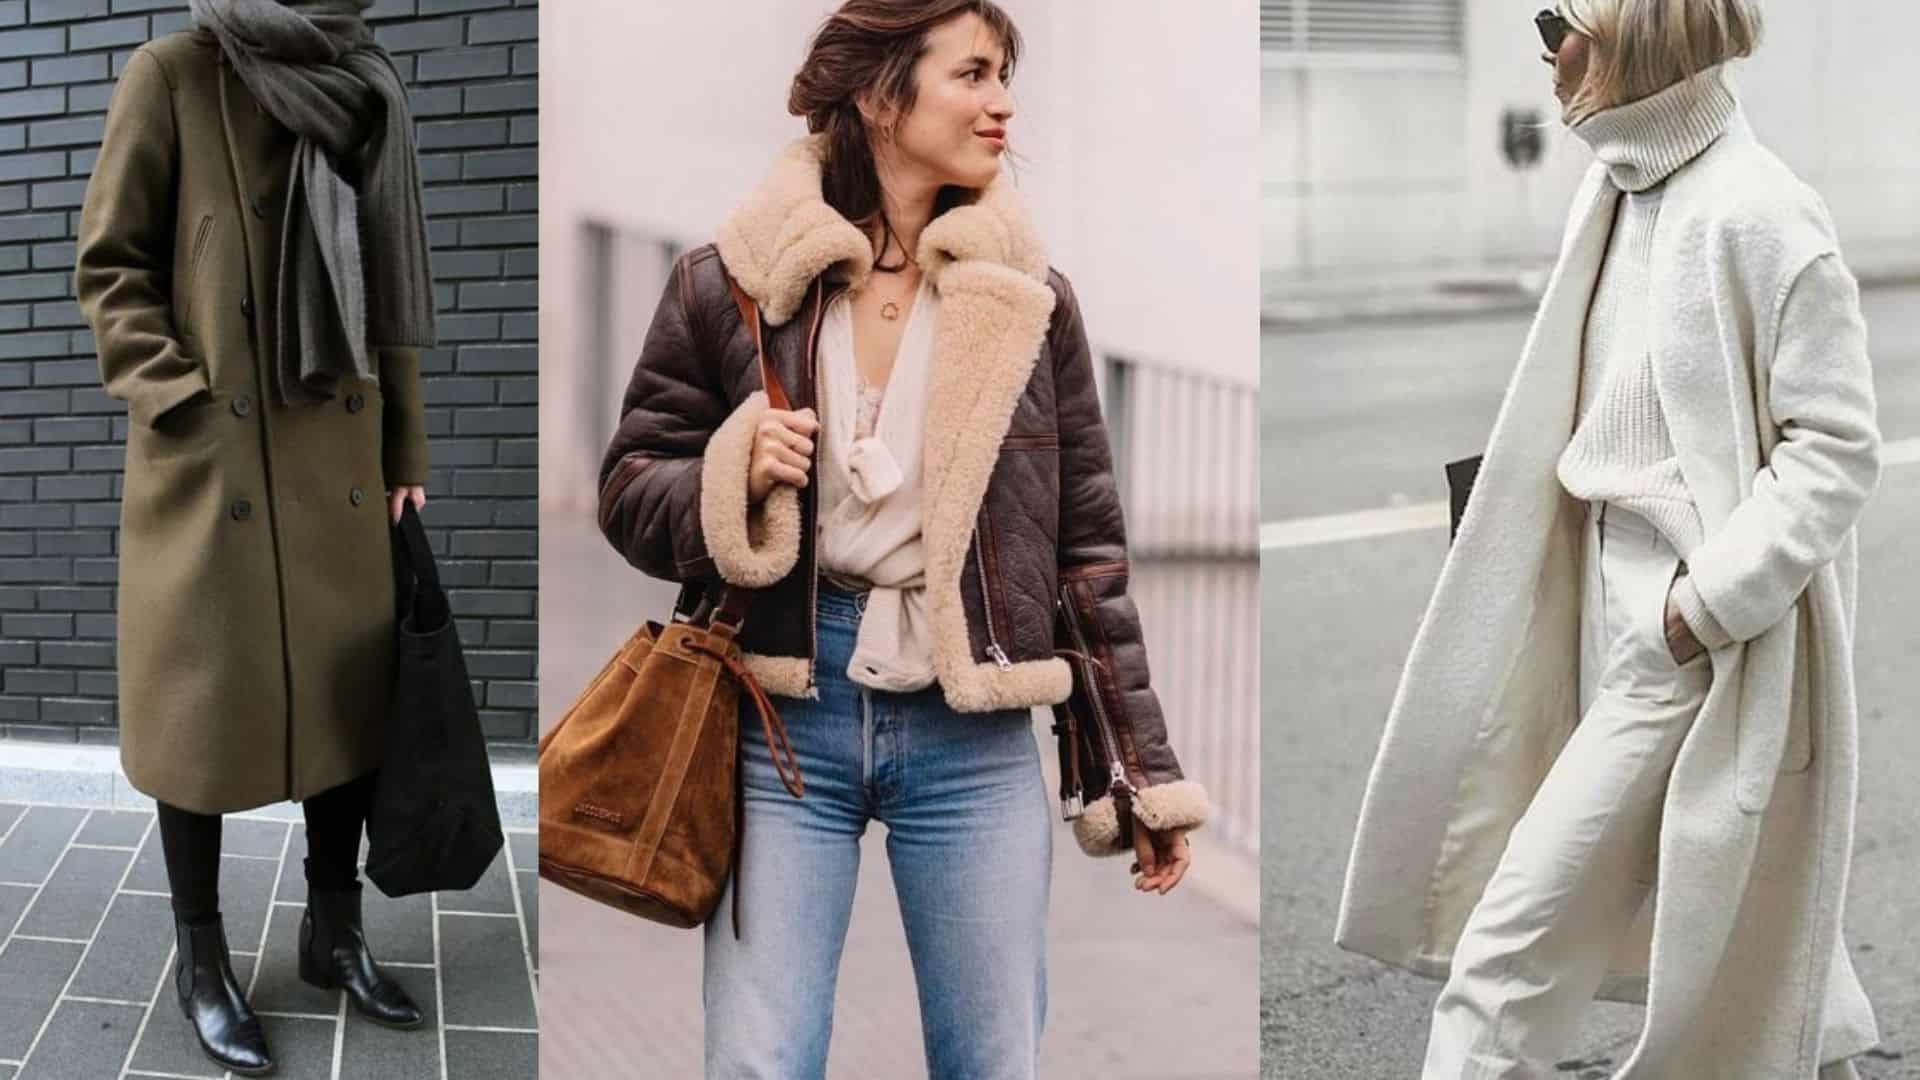 types de manteaux femme, type de manteau, sorte de manteau, manteau morphologie , quel manteau pour quelle morphologie femme, manteau morphologie a, quel manteau quand on est petite, types de manteaux femme, type de manteau femme, quelle veste pour quelle morphologie, manteau morphologie 8, style de manteau, manteau forme trapeze, manteau morphologie v, manteau morphologie h, quel manteau pour femme ronde, choisir son manteau, manteau pour les rondes, manteau pour ronde, manteau femme ronde et petite, style manteau, manteau petite taille, manteau pour petite femme, manteau femme petite